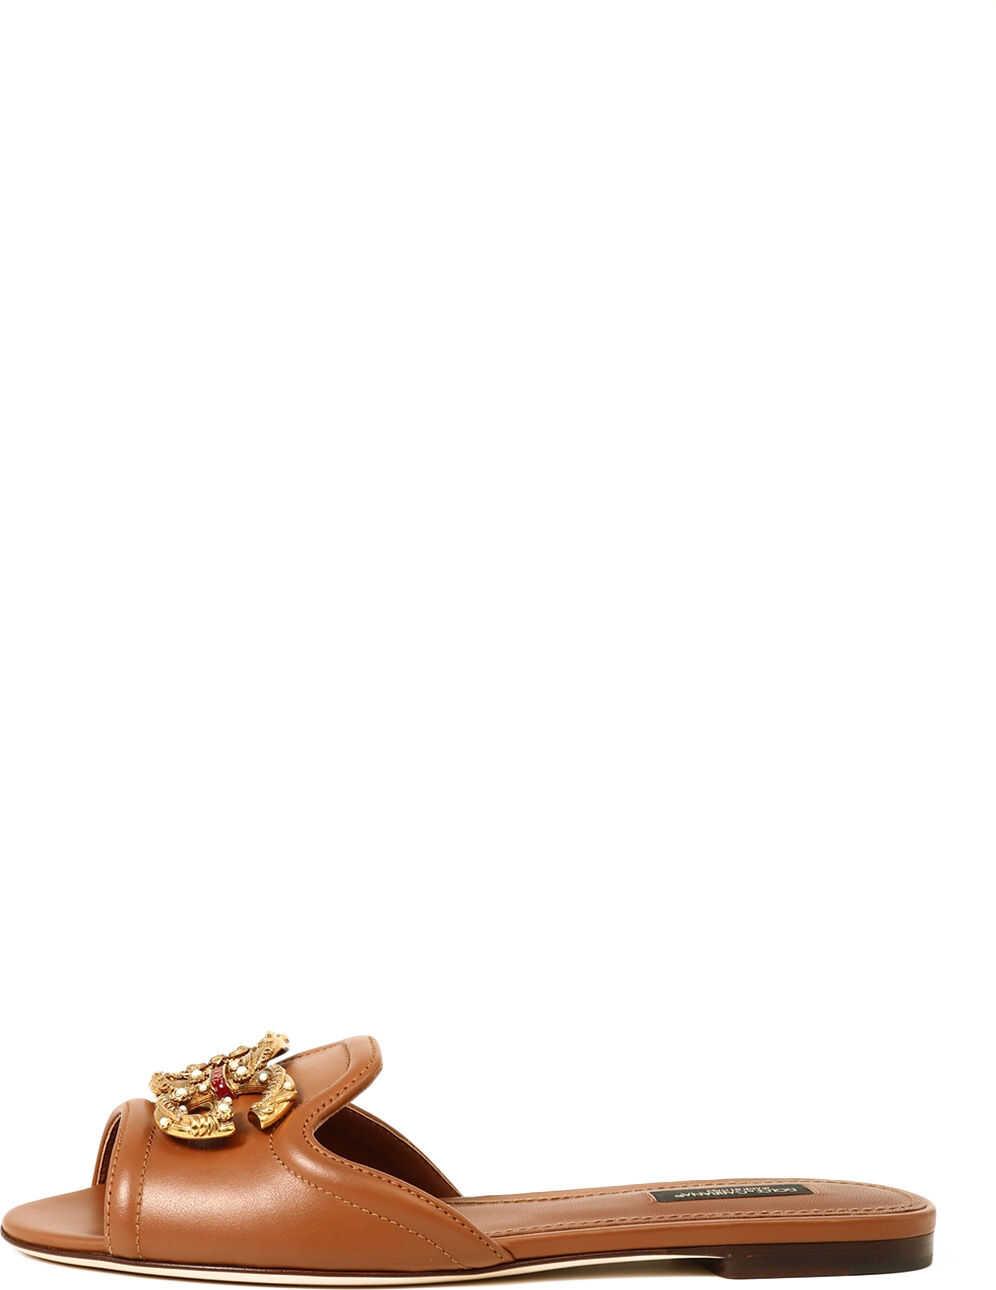 Dolce & Gabbana Slide Sandal Dg Logo Beige